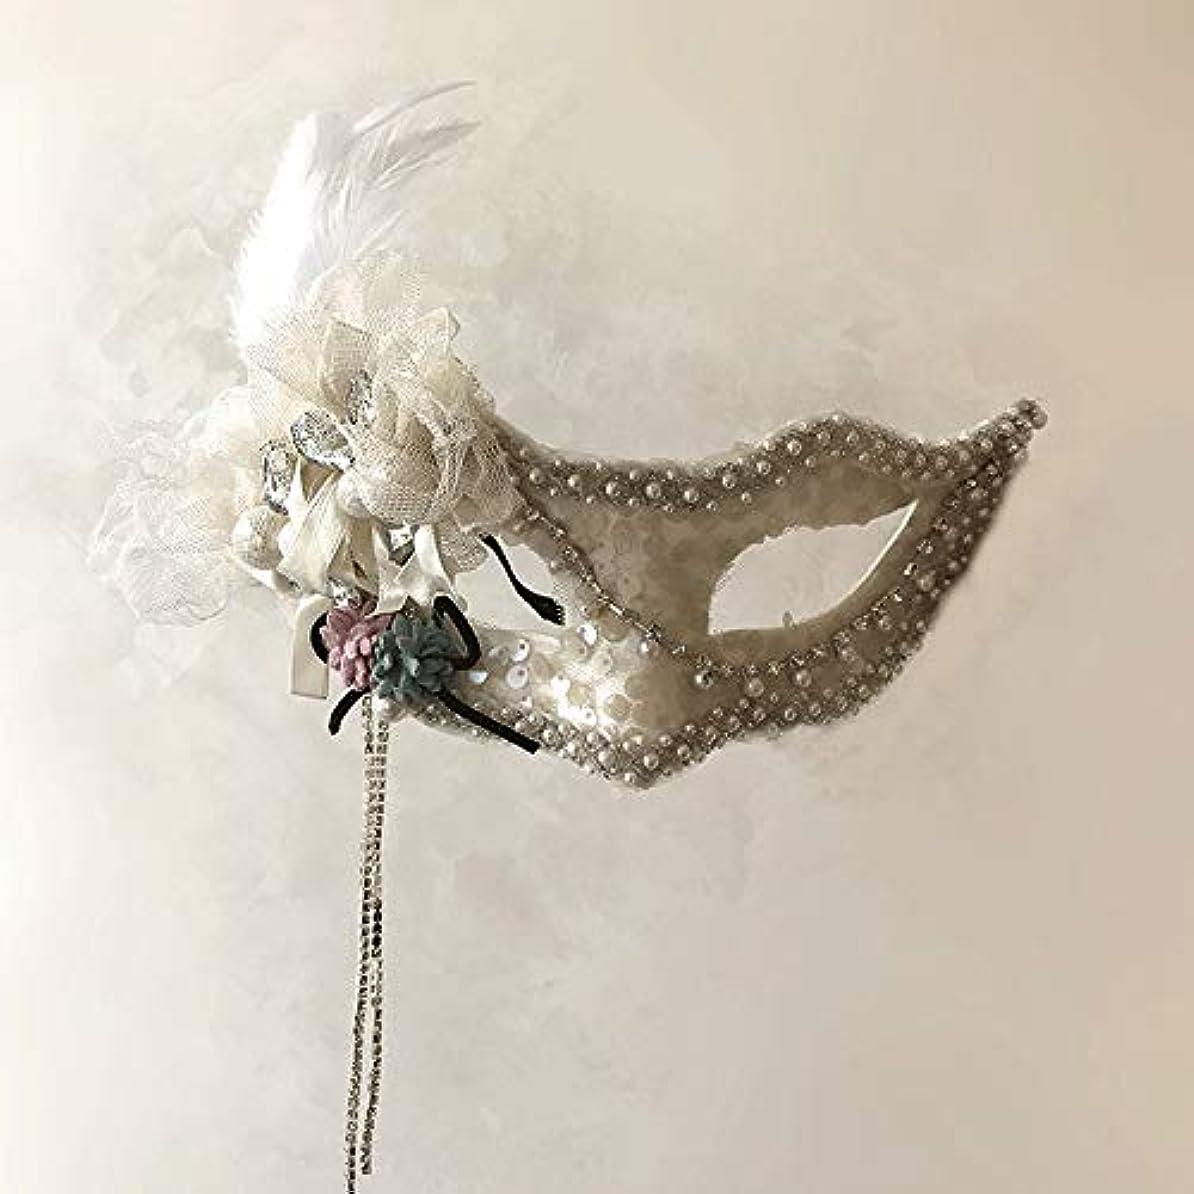 ロック解除ために出発Nanle ホワイトフェザーフラワーマスク仮装ボールアイマスクハロウィーンボールフリンジフェザーマスクパーティマスク女性レディセクシーマスク (色 : Style D)